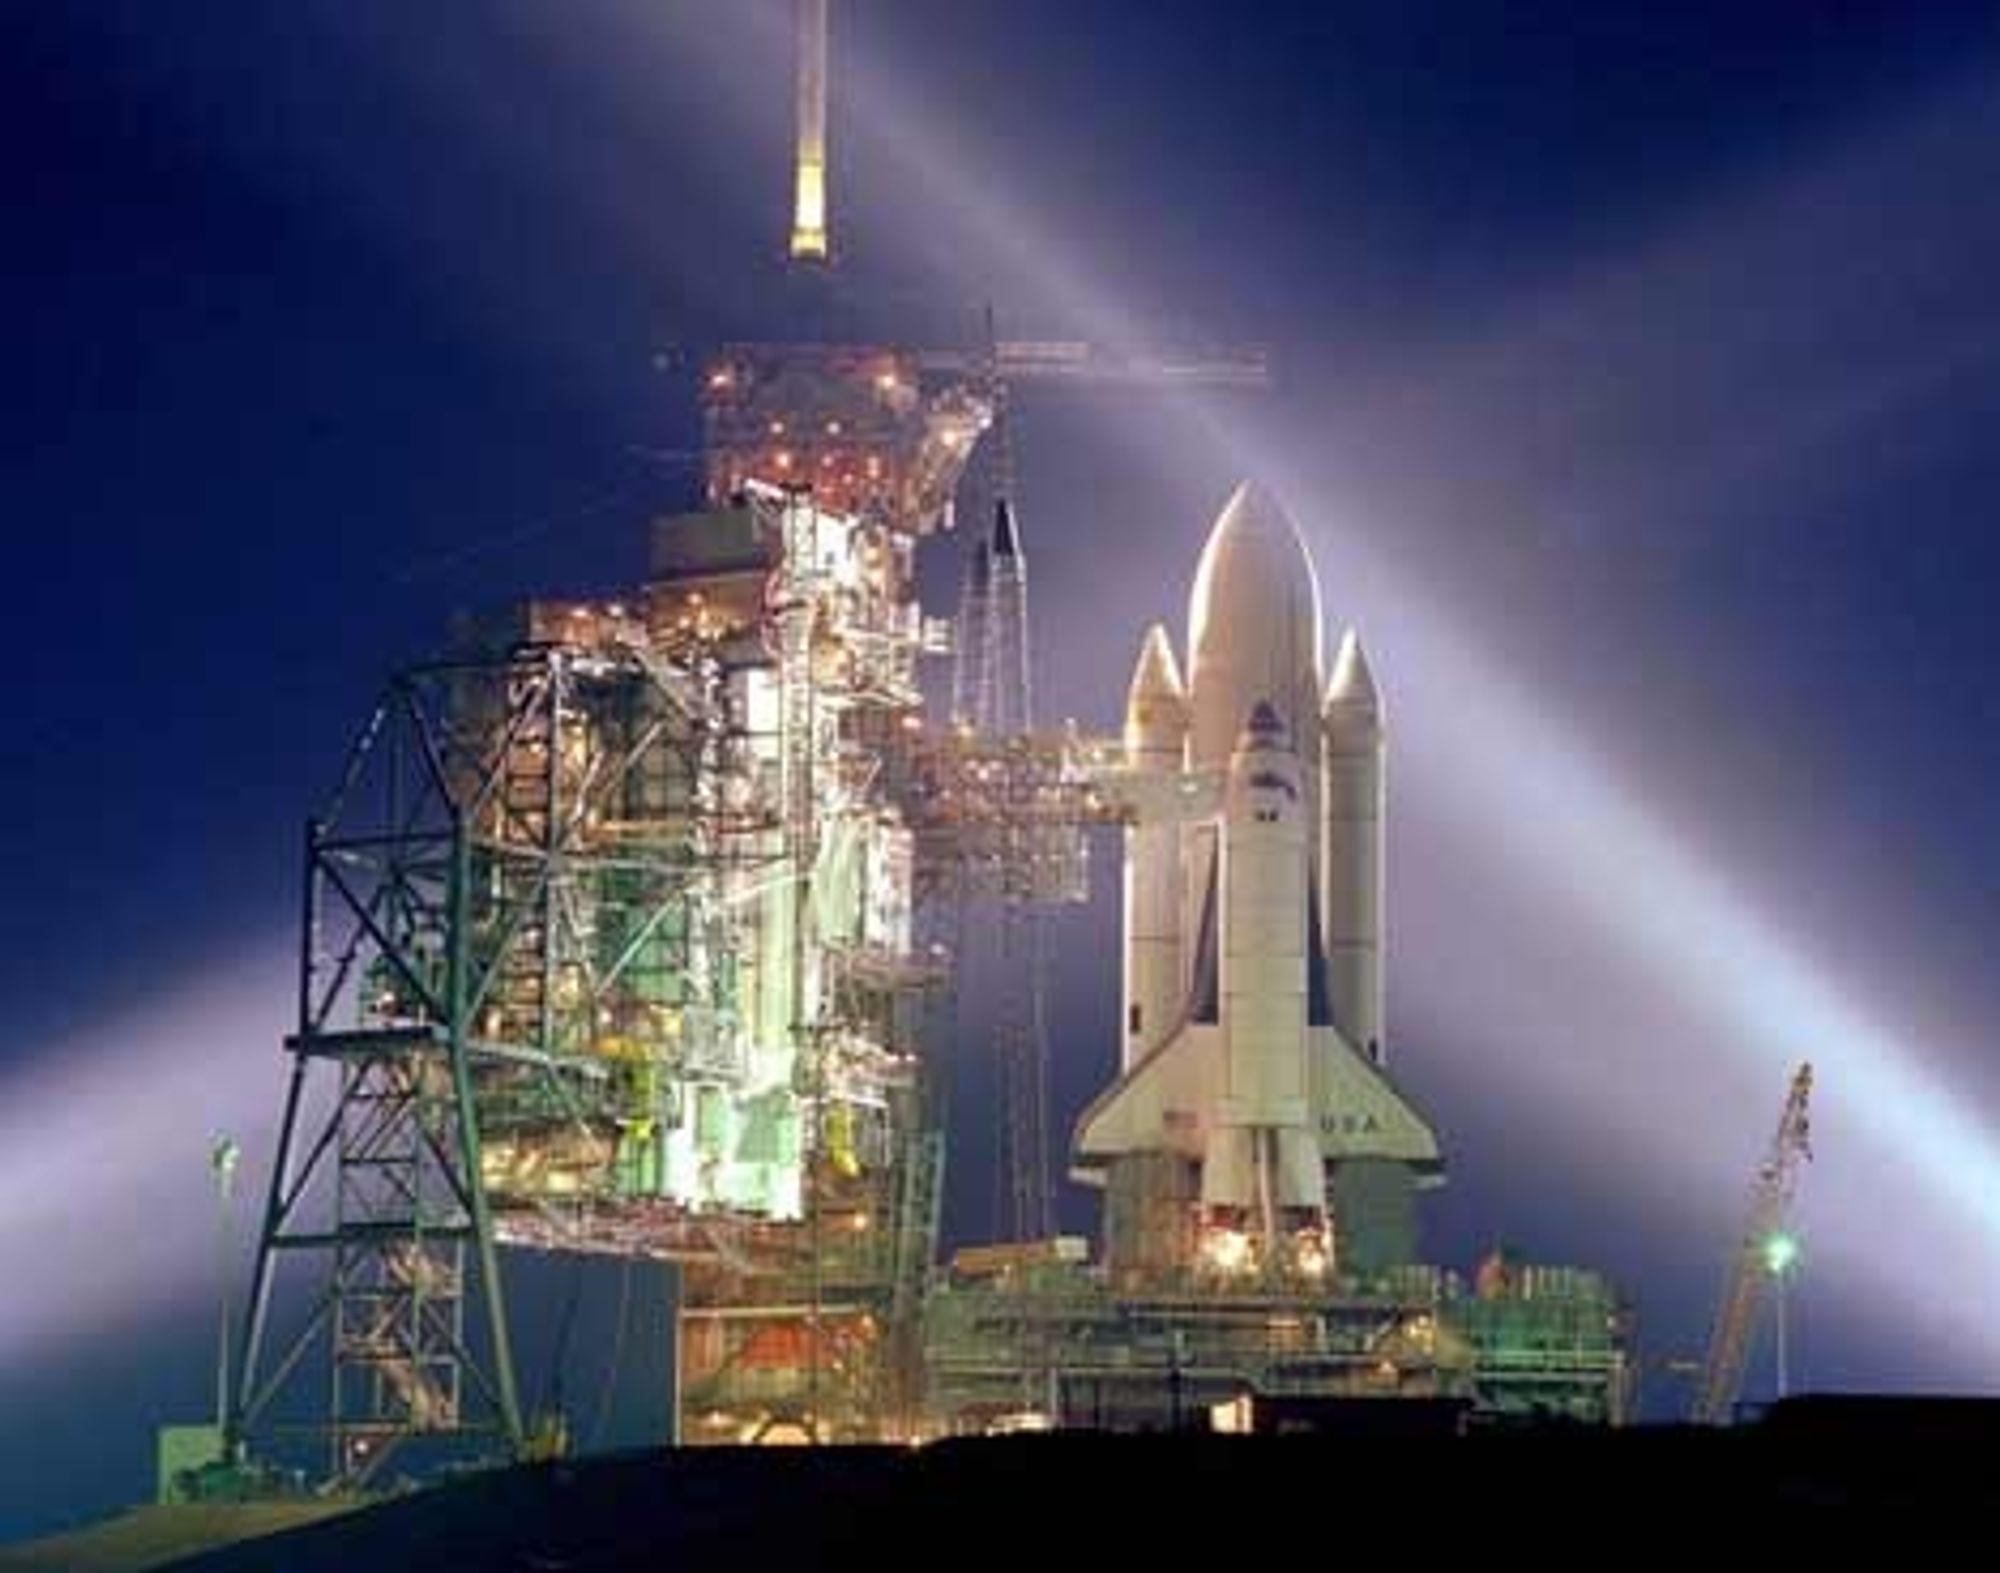 TETTER: Når romfergen igjen tar av fra startplattformen i Florida, vil den ha med seg fem ulike reparasjonssett. Poenget er å øve på å tette skader som kan ødelegge fergen når den kommer inn igjen i atmosfæren. FOTO NASA